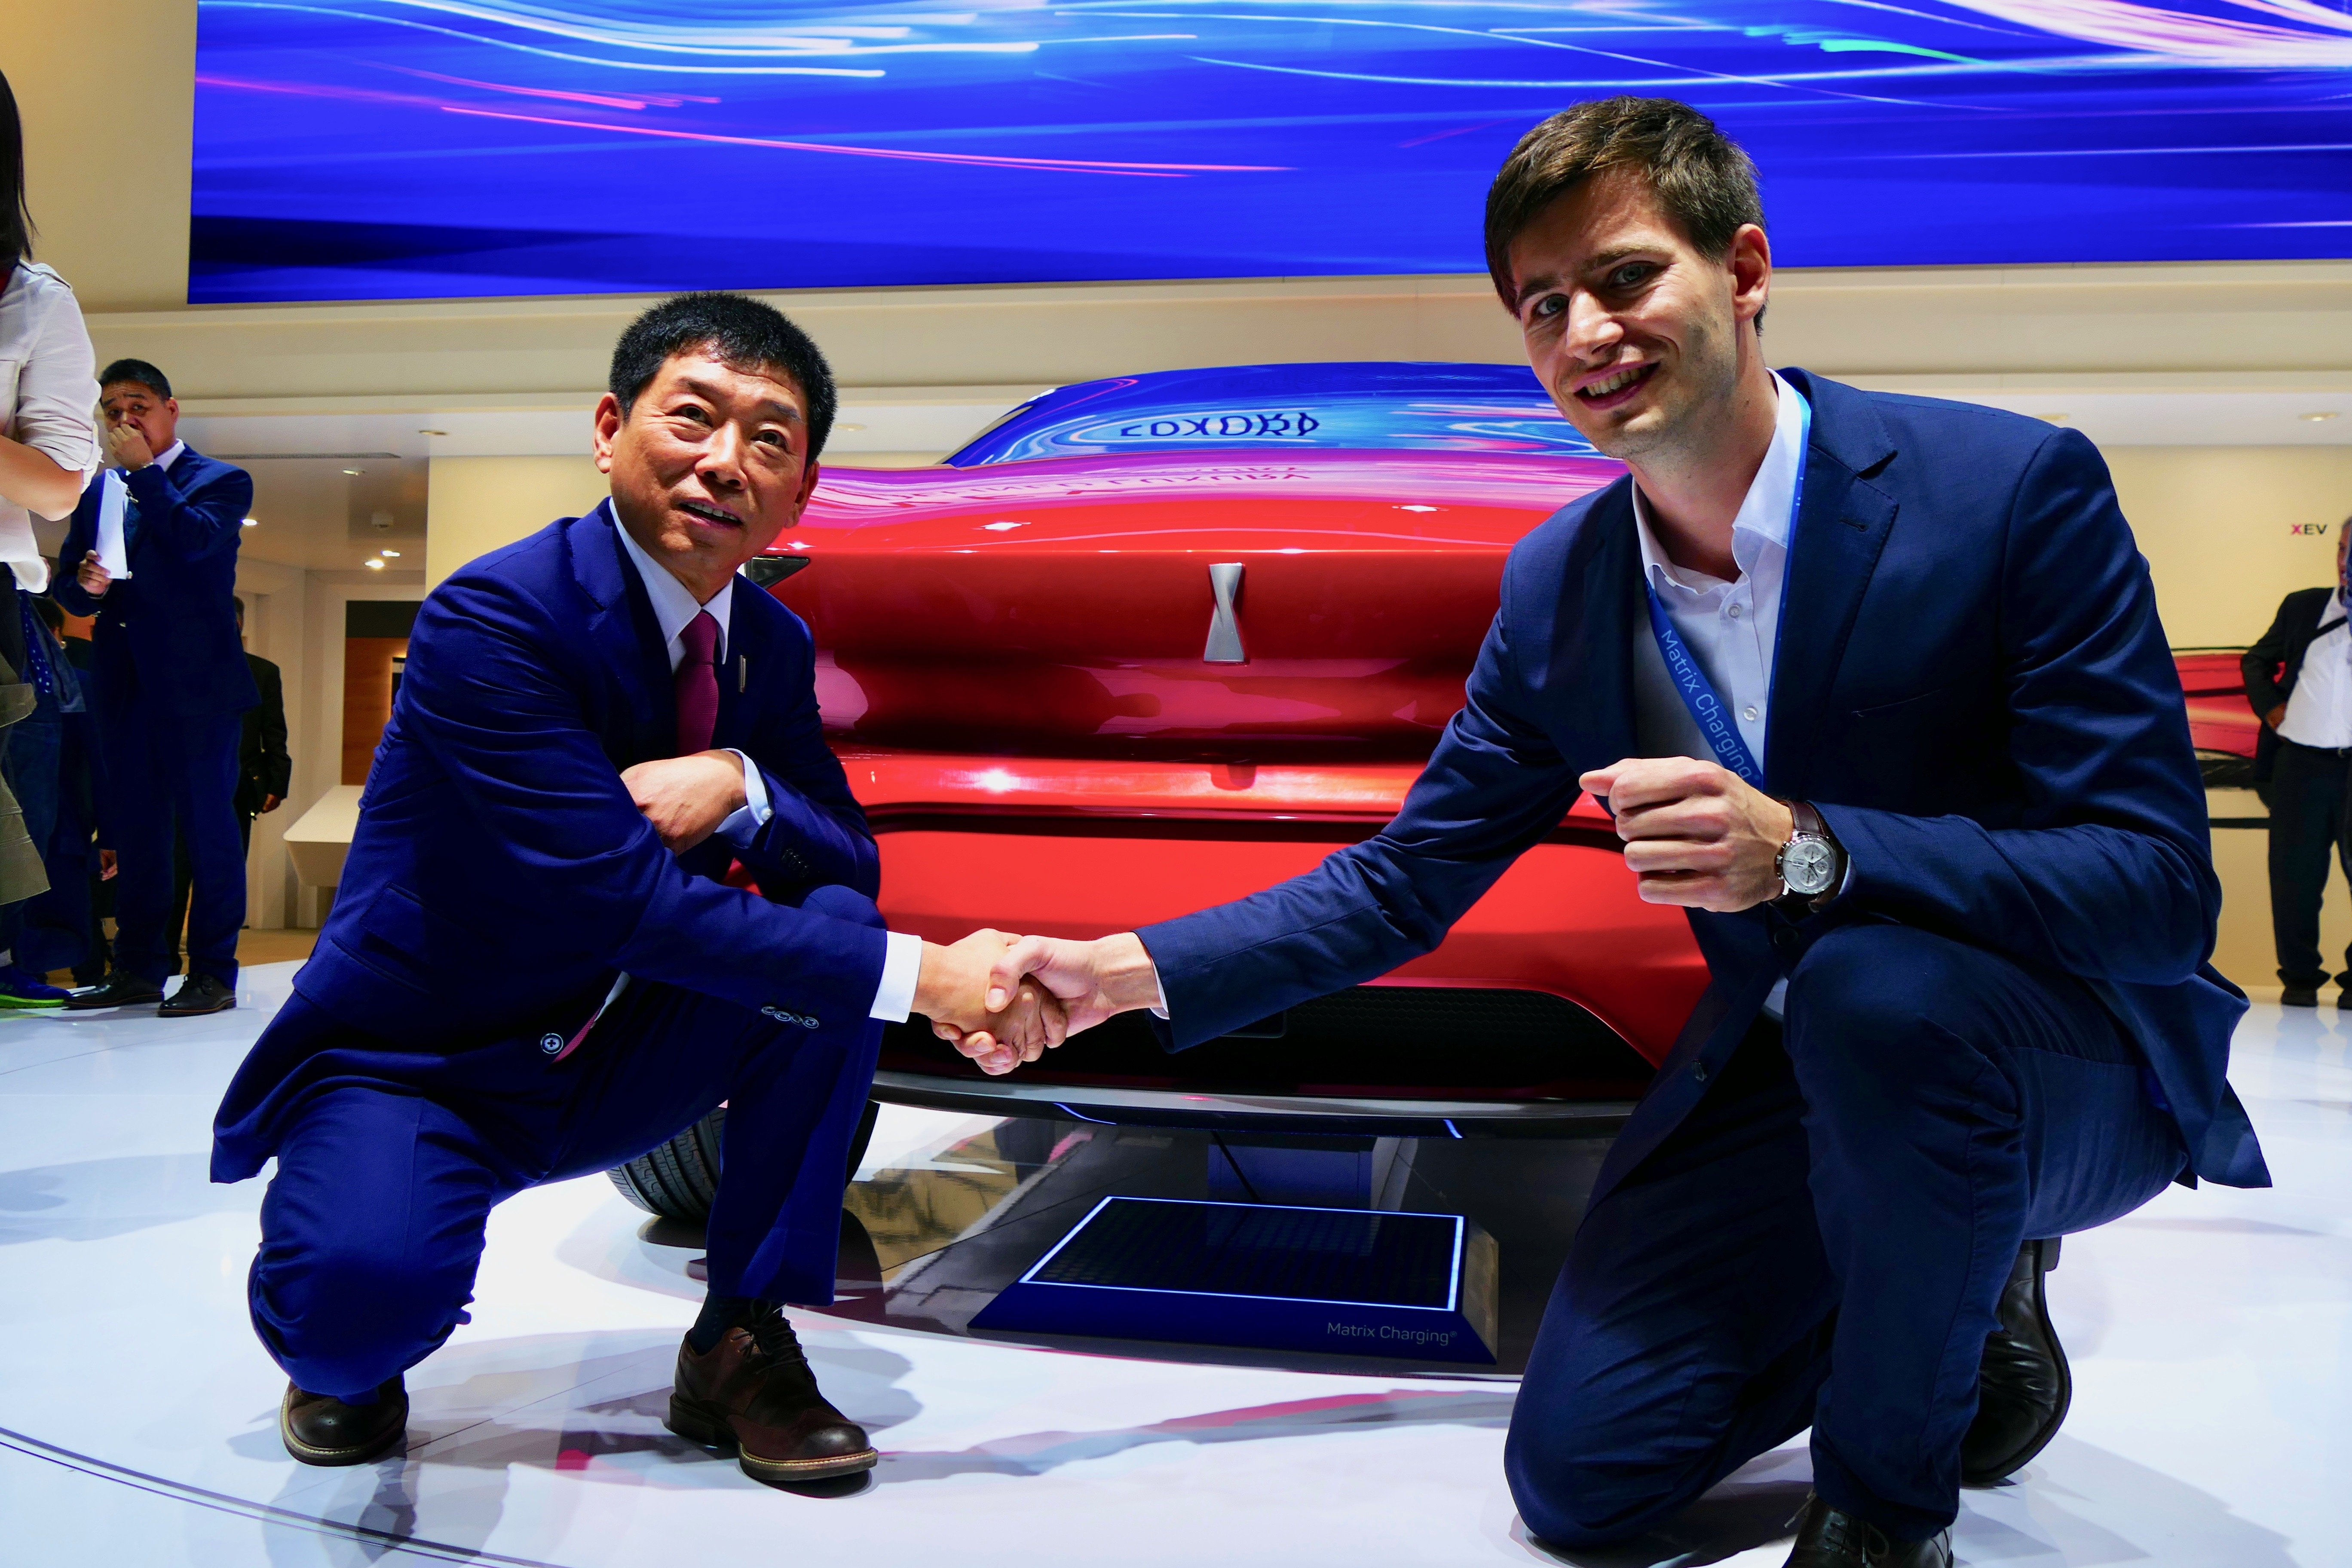 Auf der IAA 2017 präsentiert Easelink-Gründer Hermann Stockinger (li.) gemeinsam mit Wey-Gründer Wei Jianjun das Konzeptfahrzeug des chinesischen Herstellers, bei dem die österreichische Ladetechnik verbaut wurde.